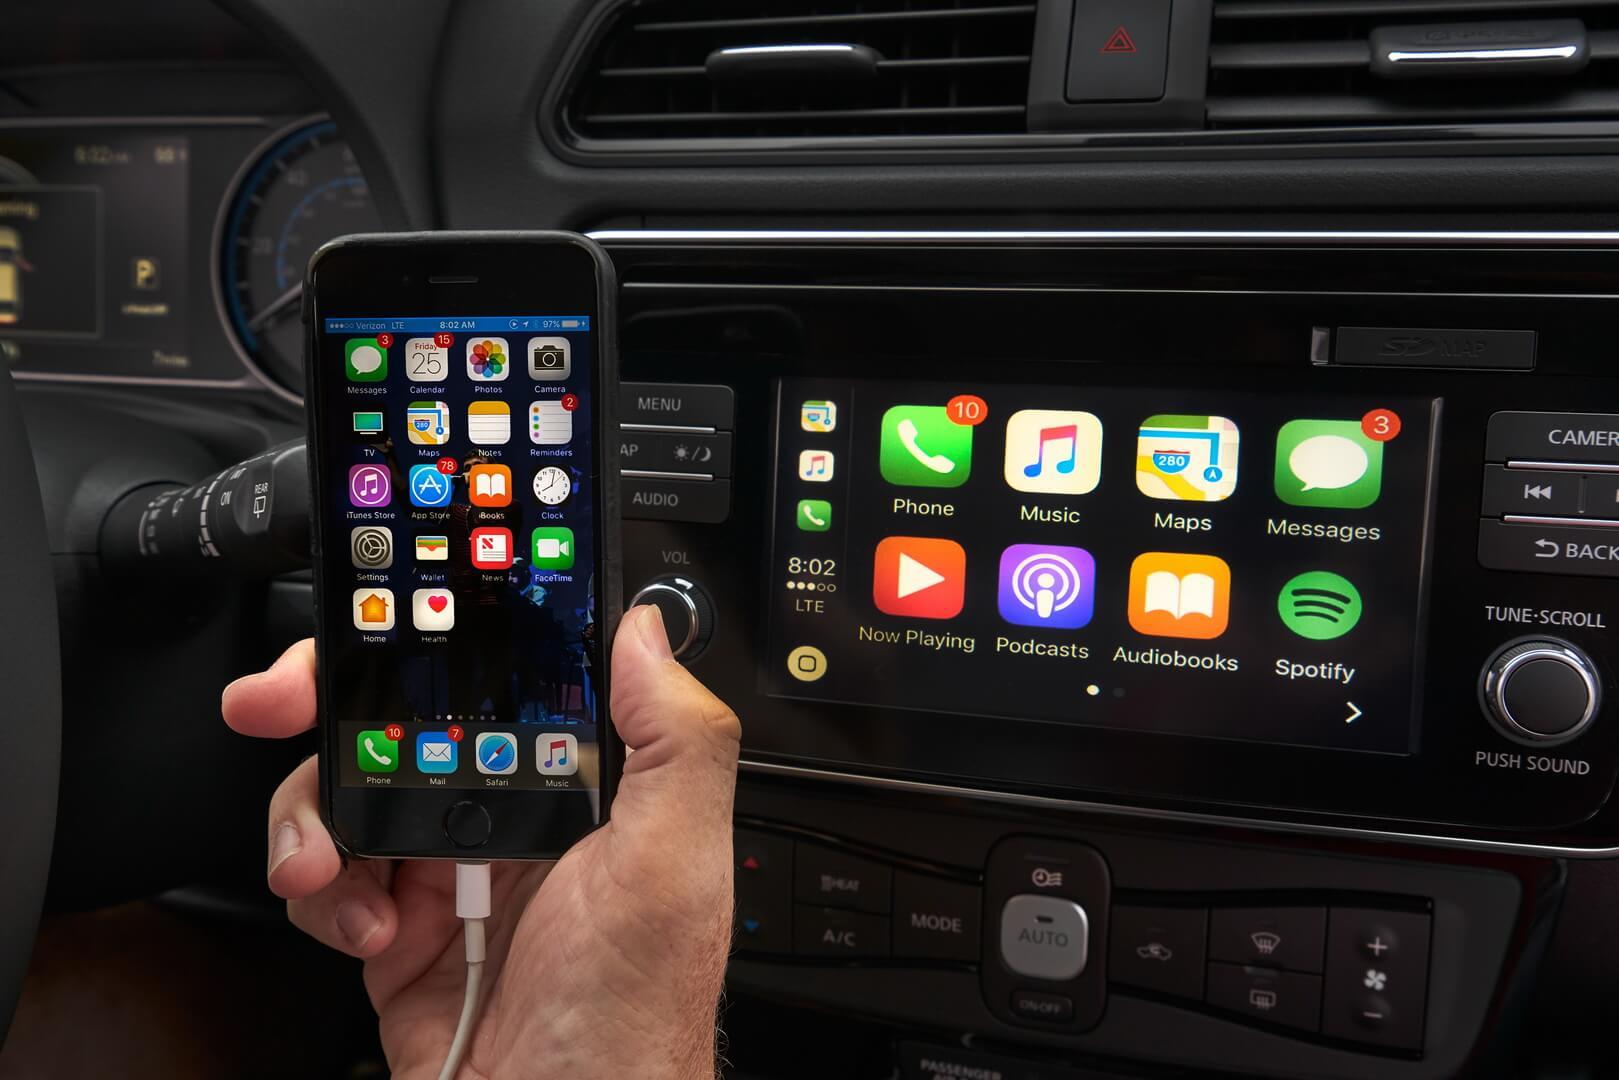 Підключення смартфону до електромобіля через Apple CarPlay™